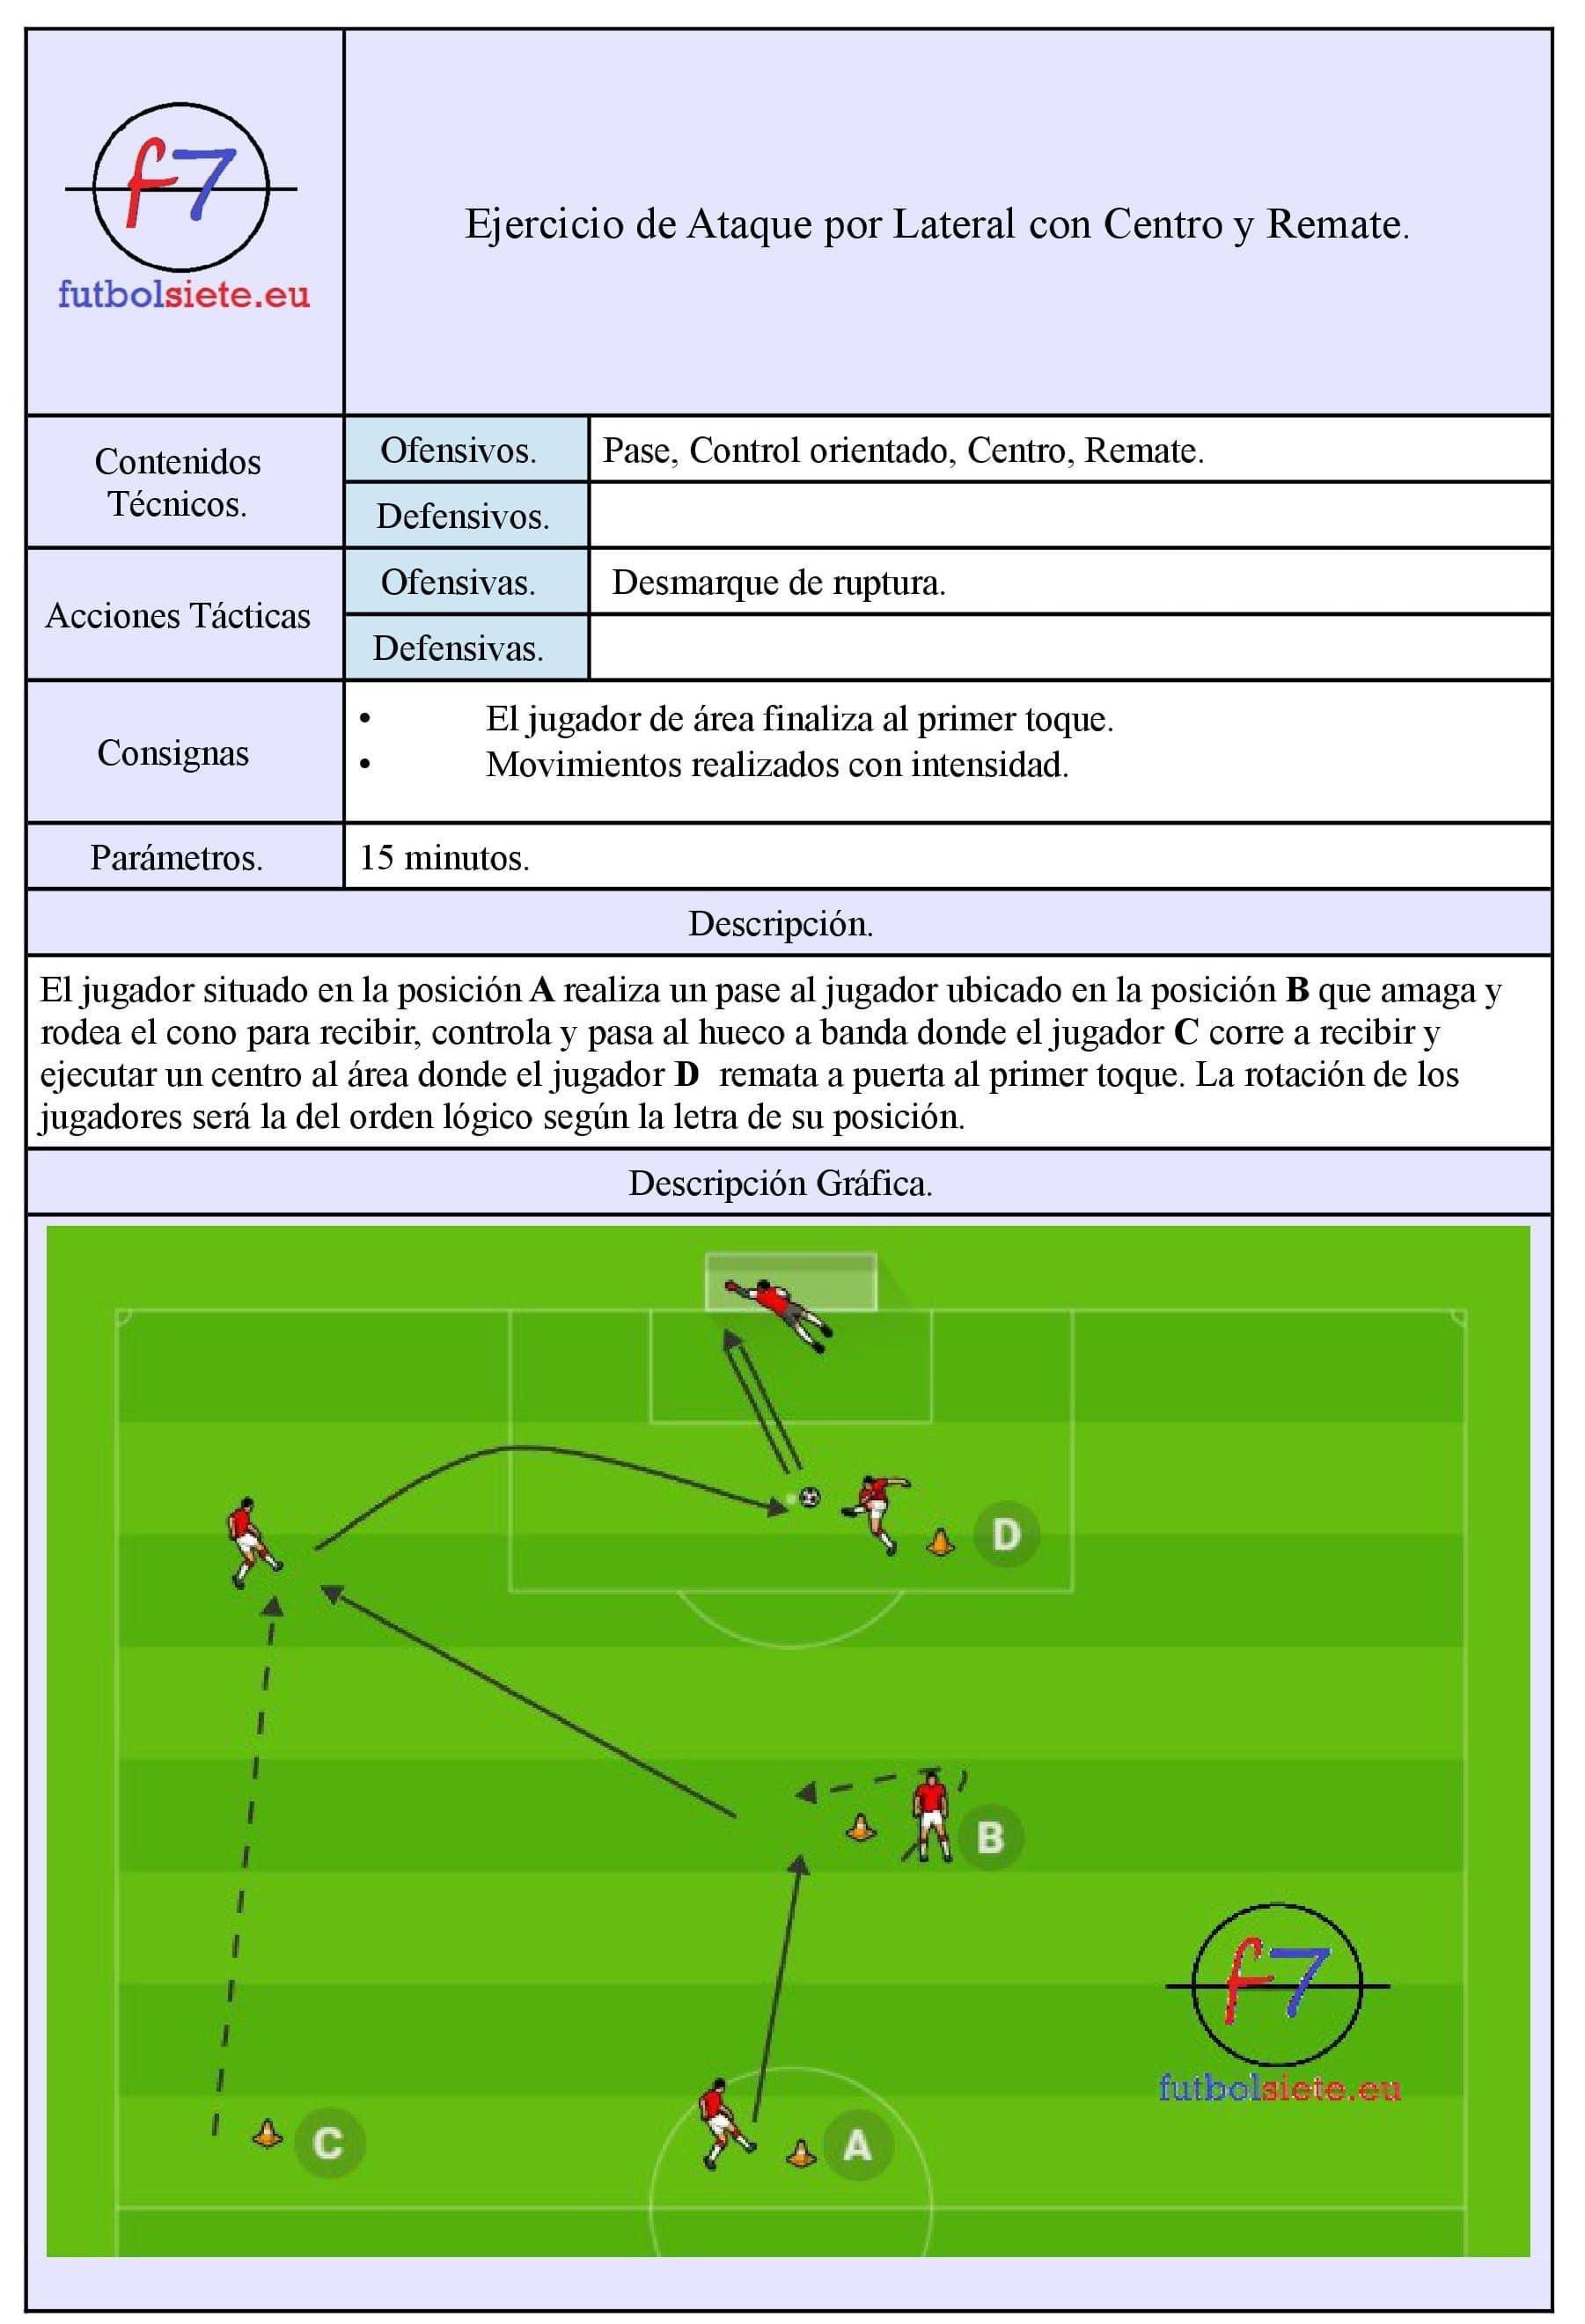 Ejercicio Fútbol y Fútbol 7 de Ataque por Lateral con Centro y Remate